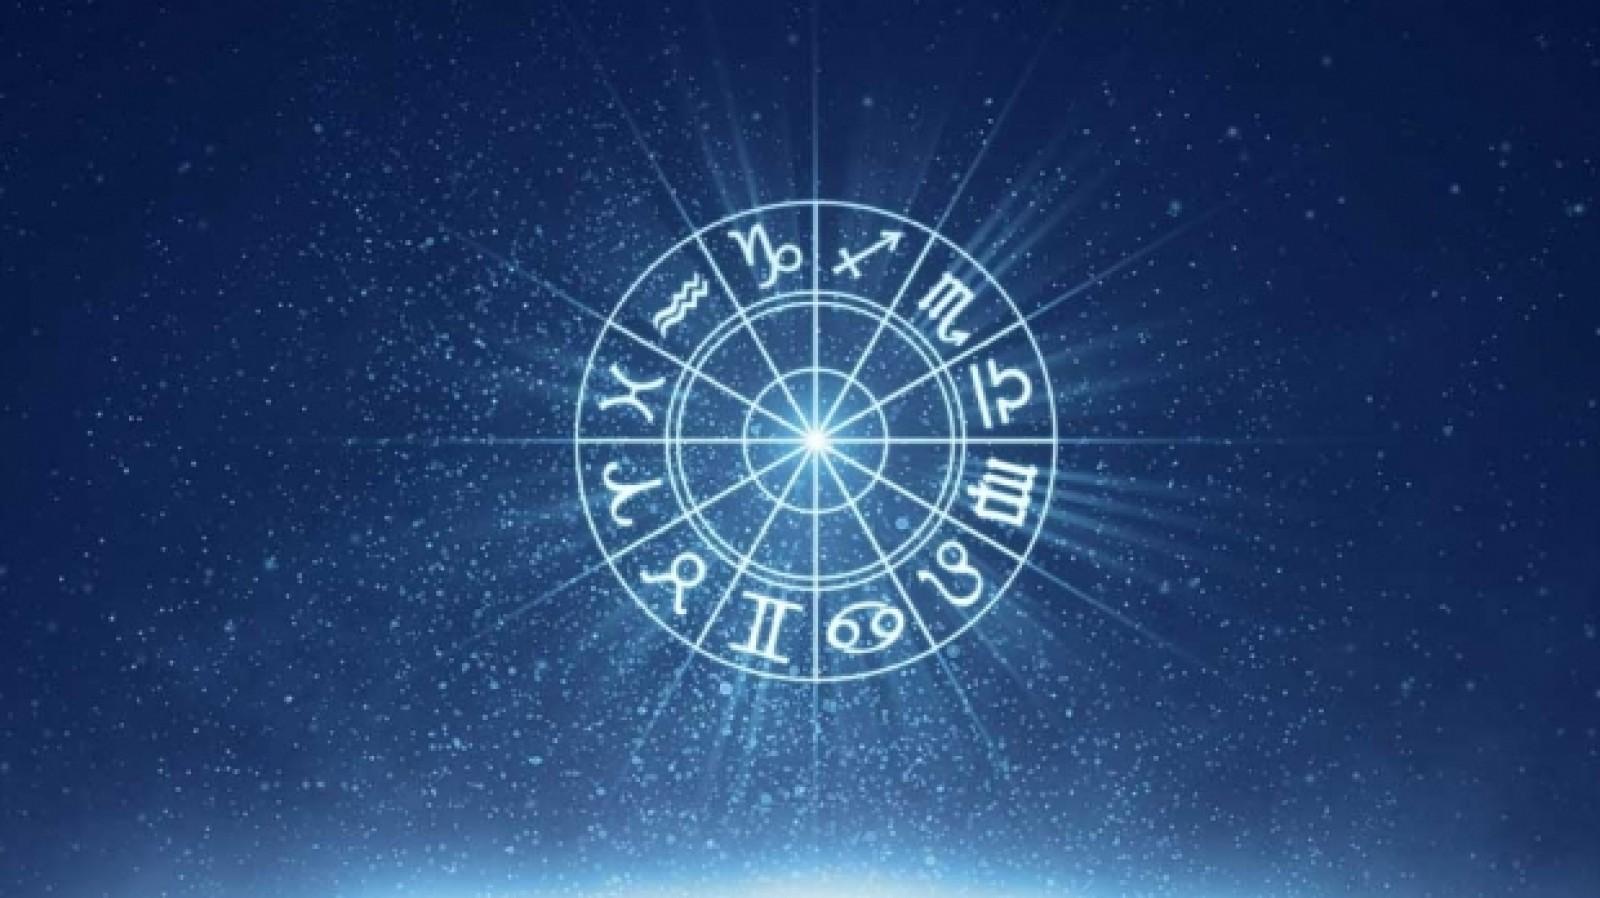 Horoscop 12 aprilie 2018: Această zodie descoperă o fraudă masivă cu un final cu totul neașteptat